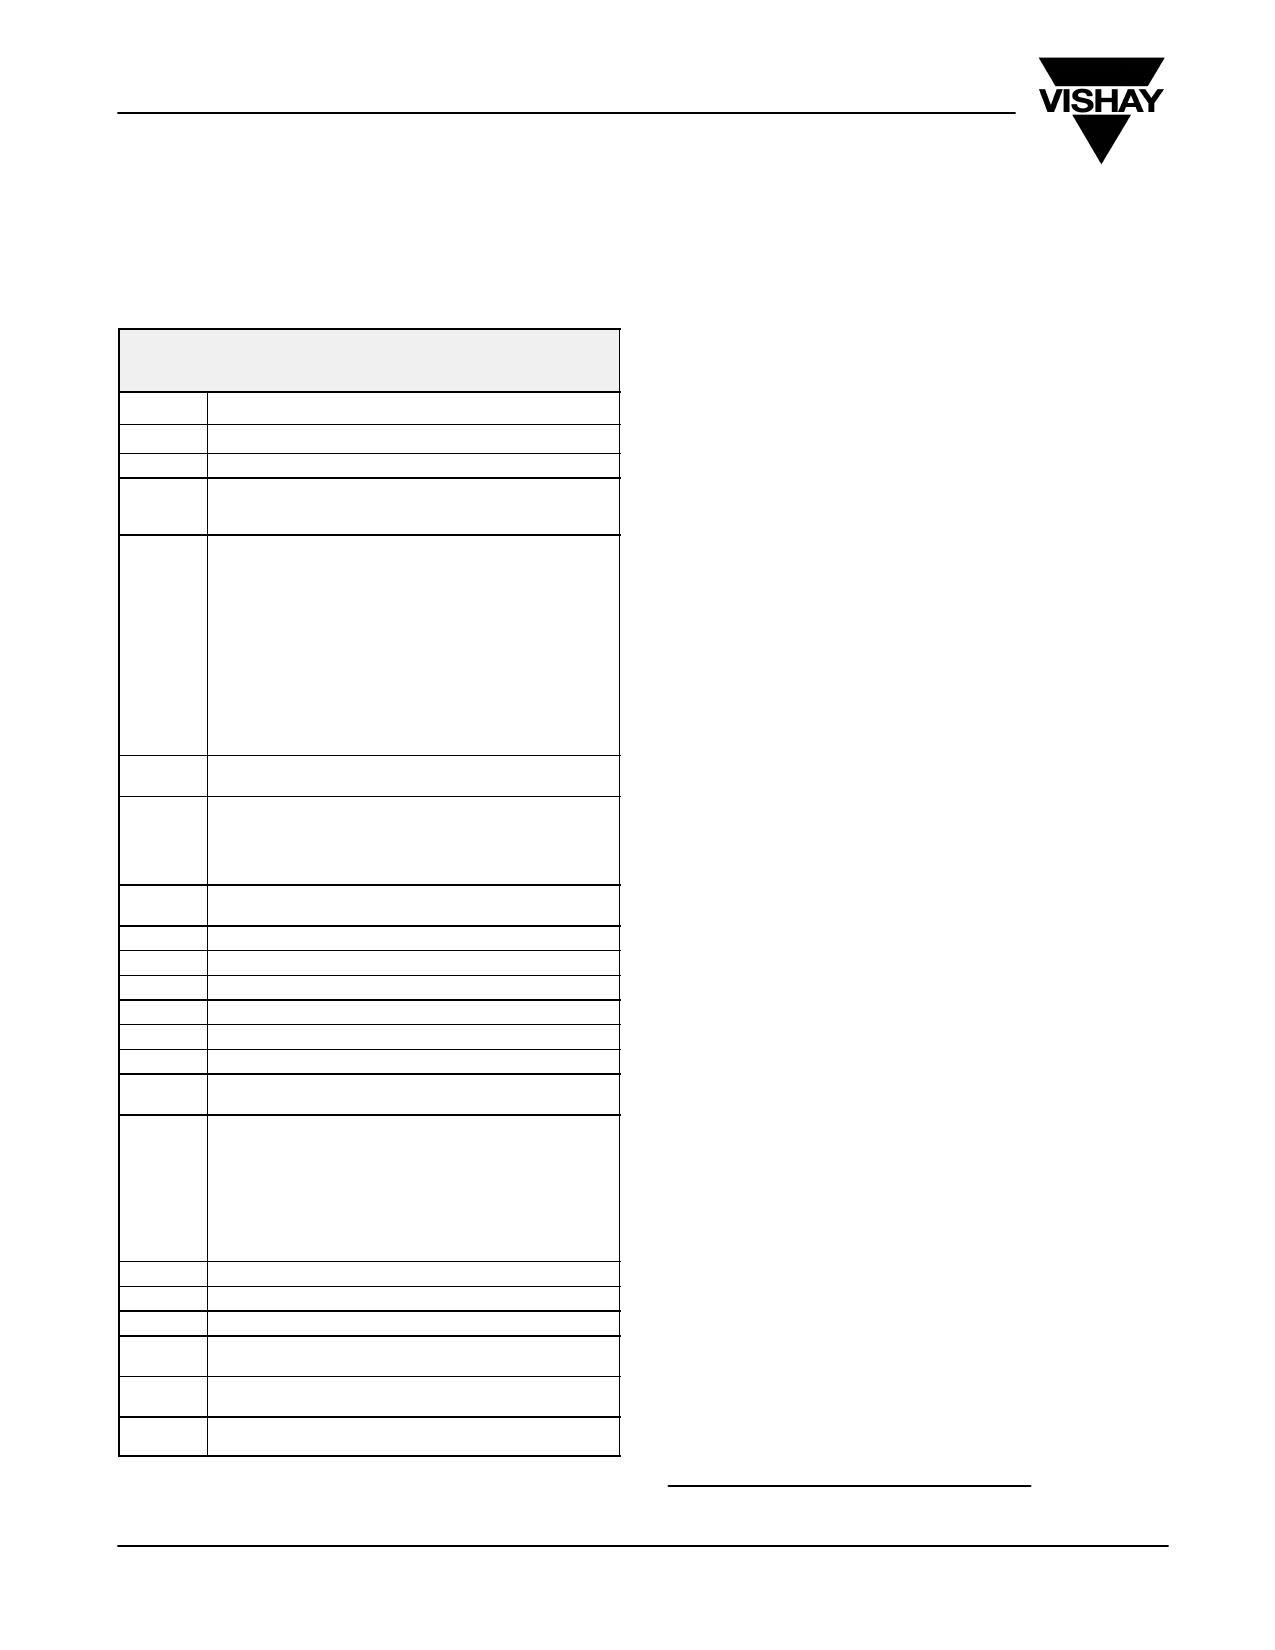 AN605 pdf, schematic